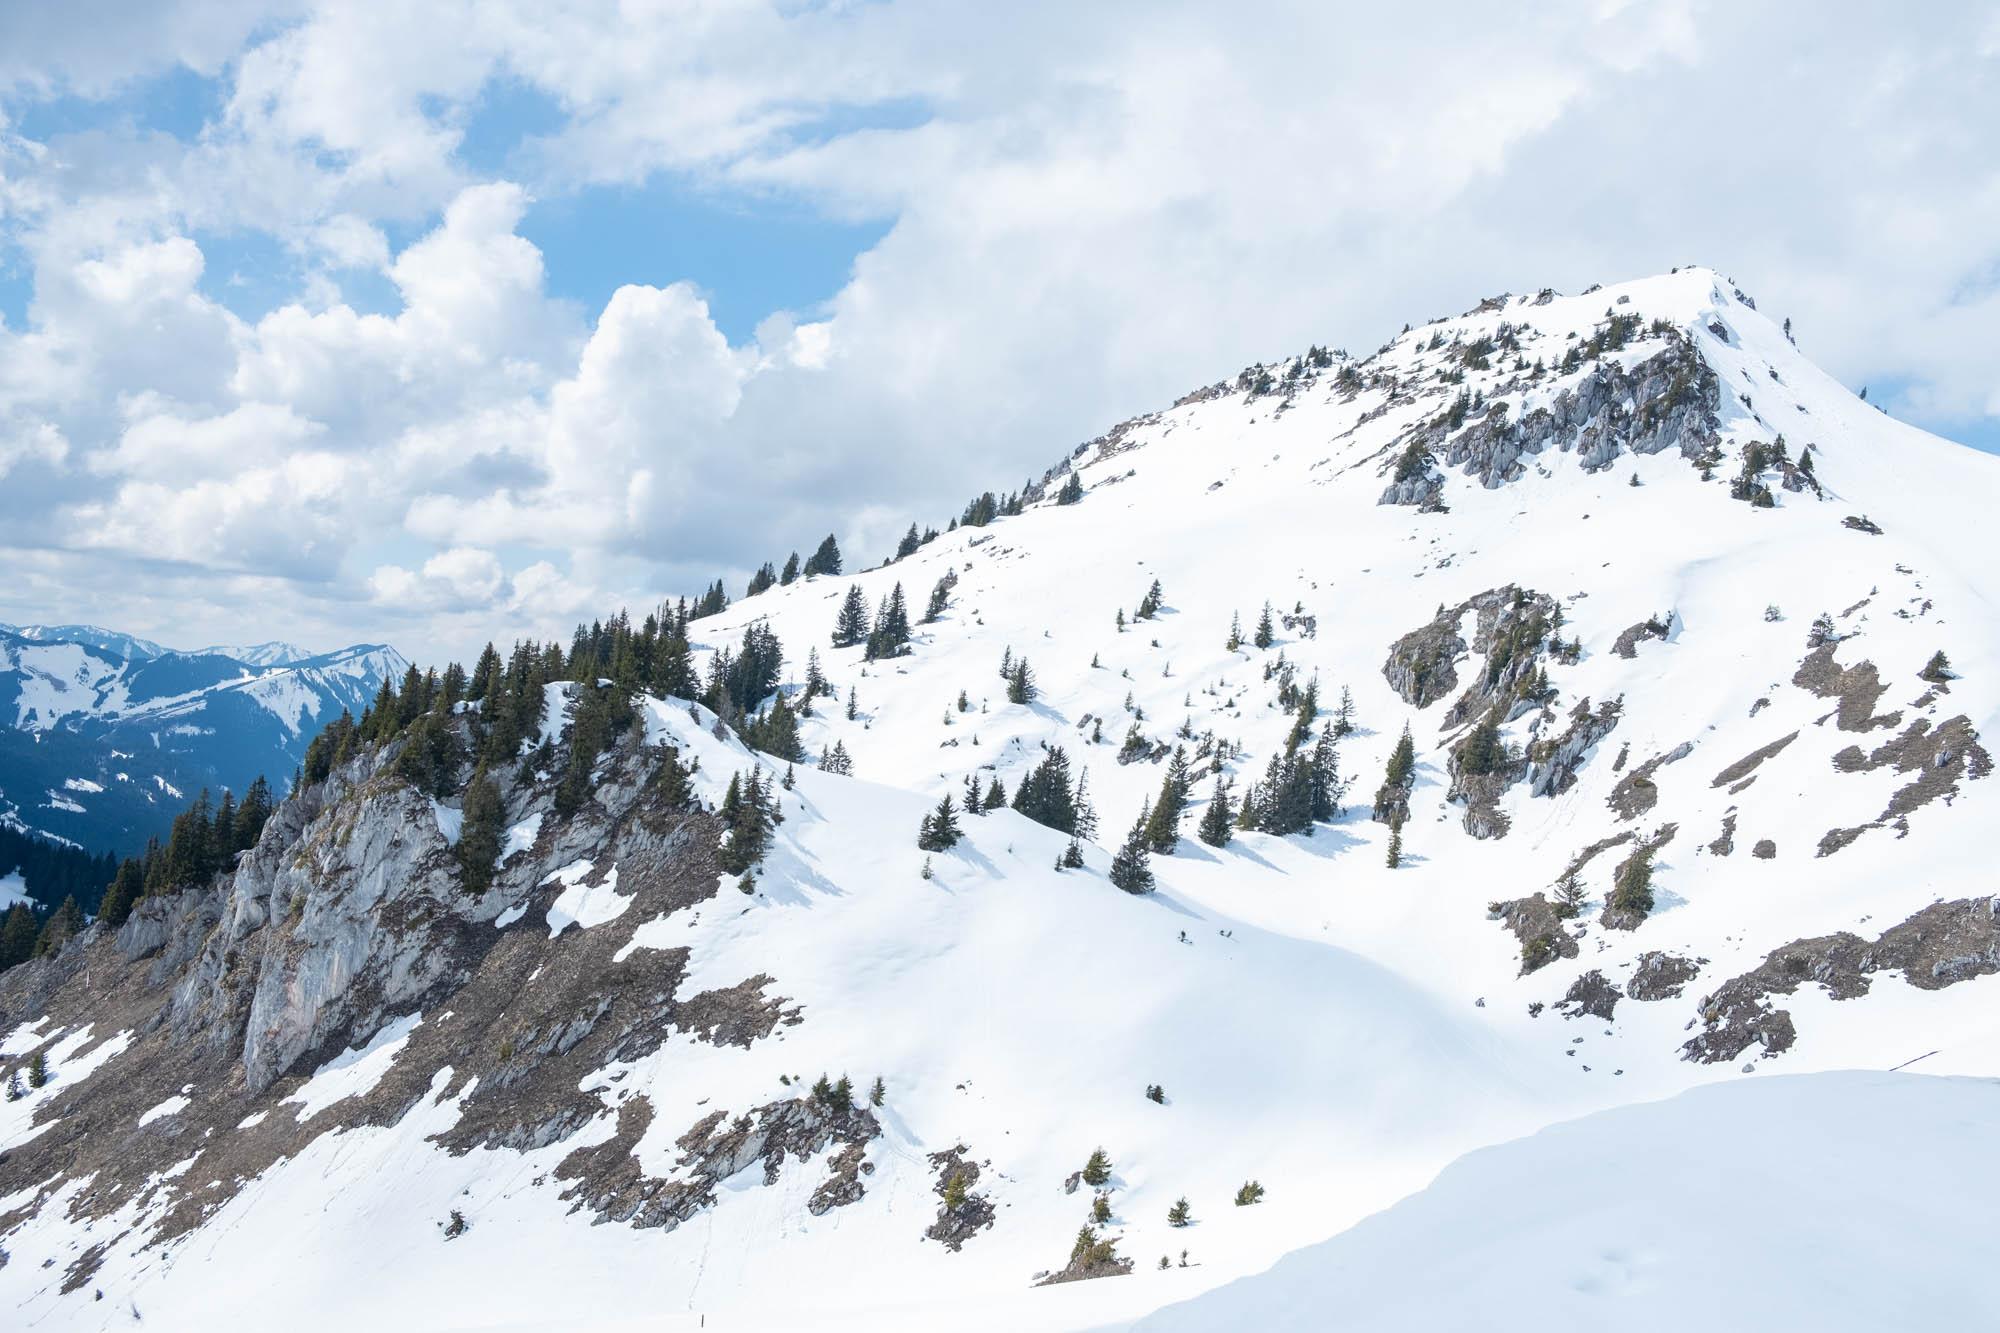 Cold de recon area